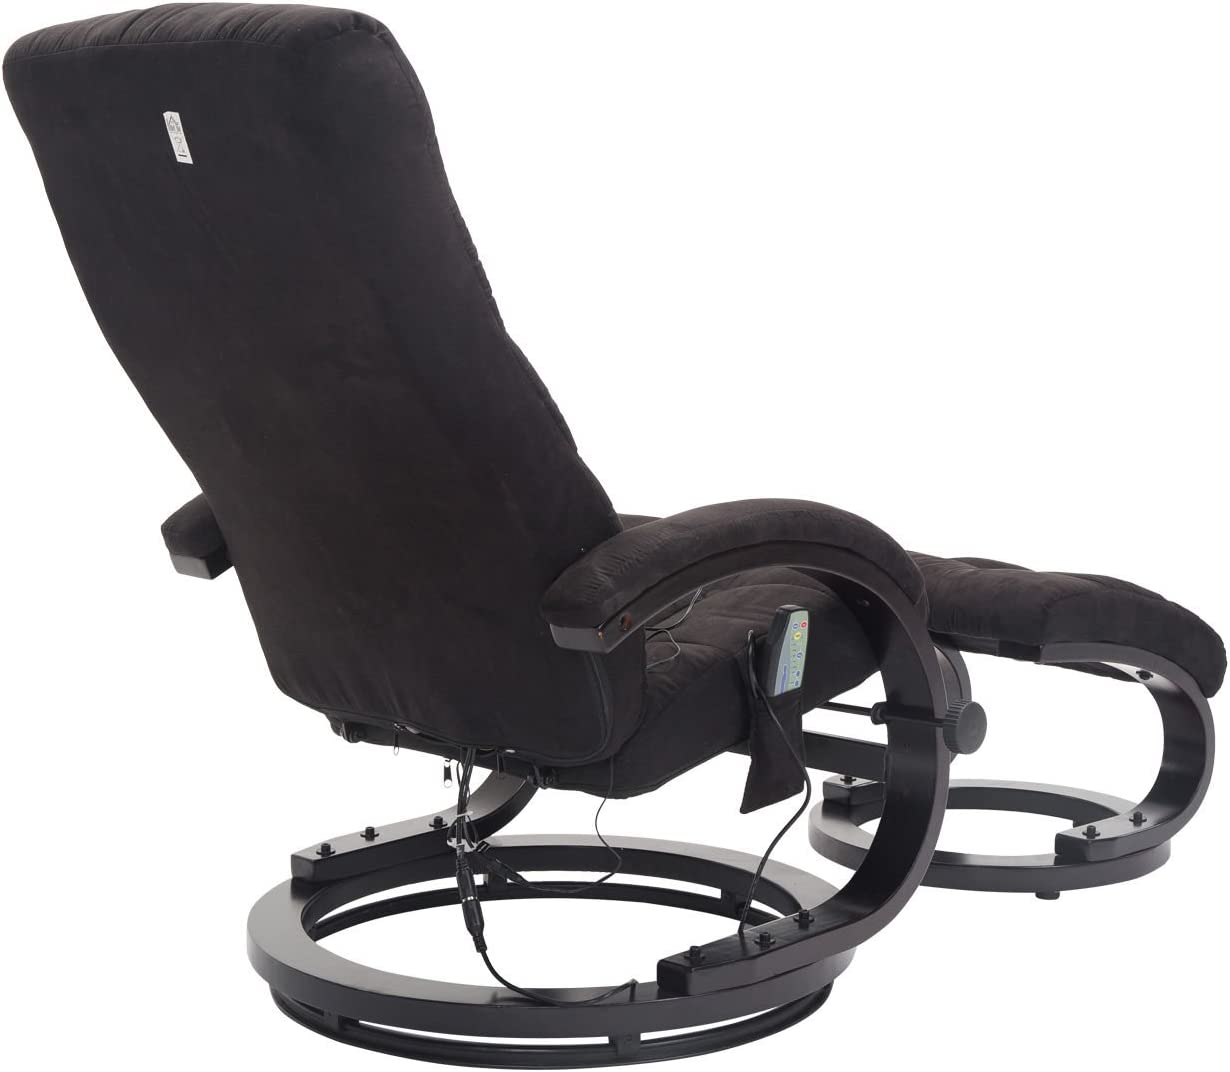 Homcom/® Massagesessel TV Sessel Relaxsessel mit Hocker Fernsehsessel mit Heizfunktion und Vibration 2 Farben Schwarz